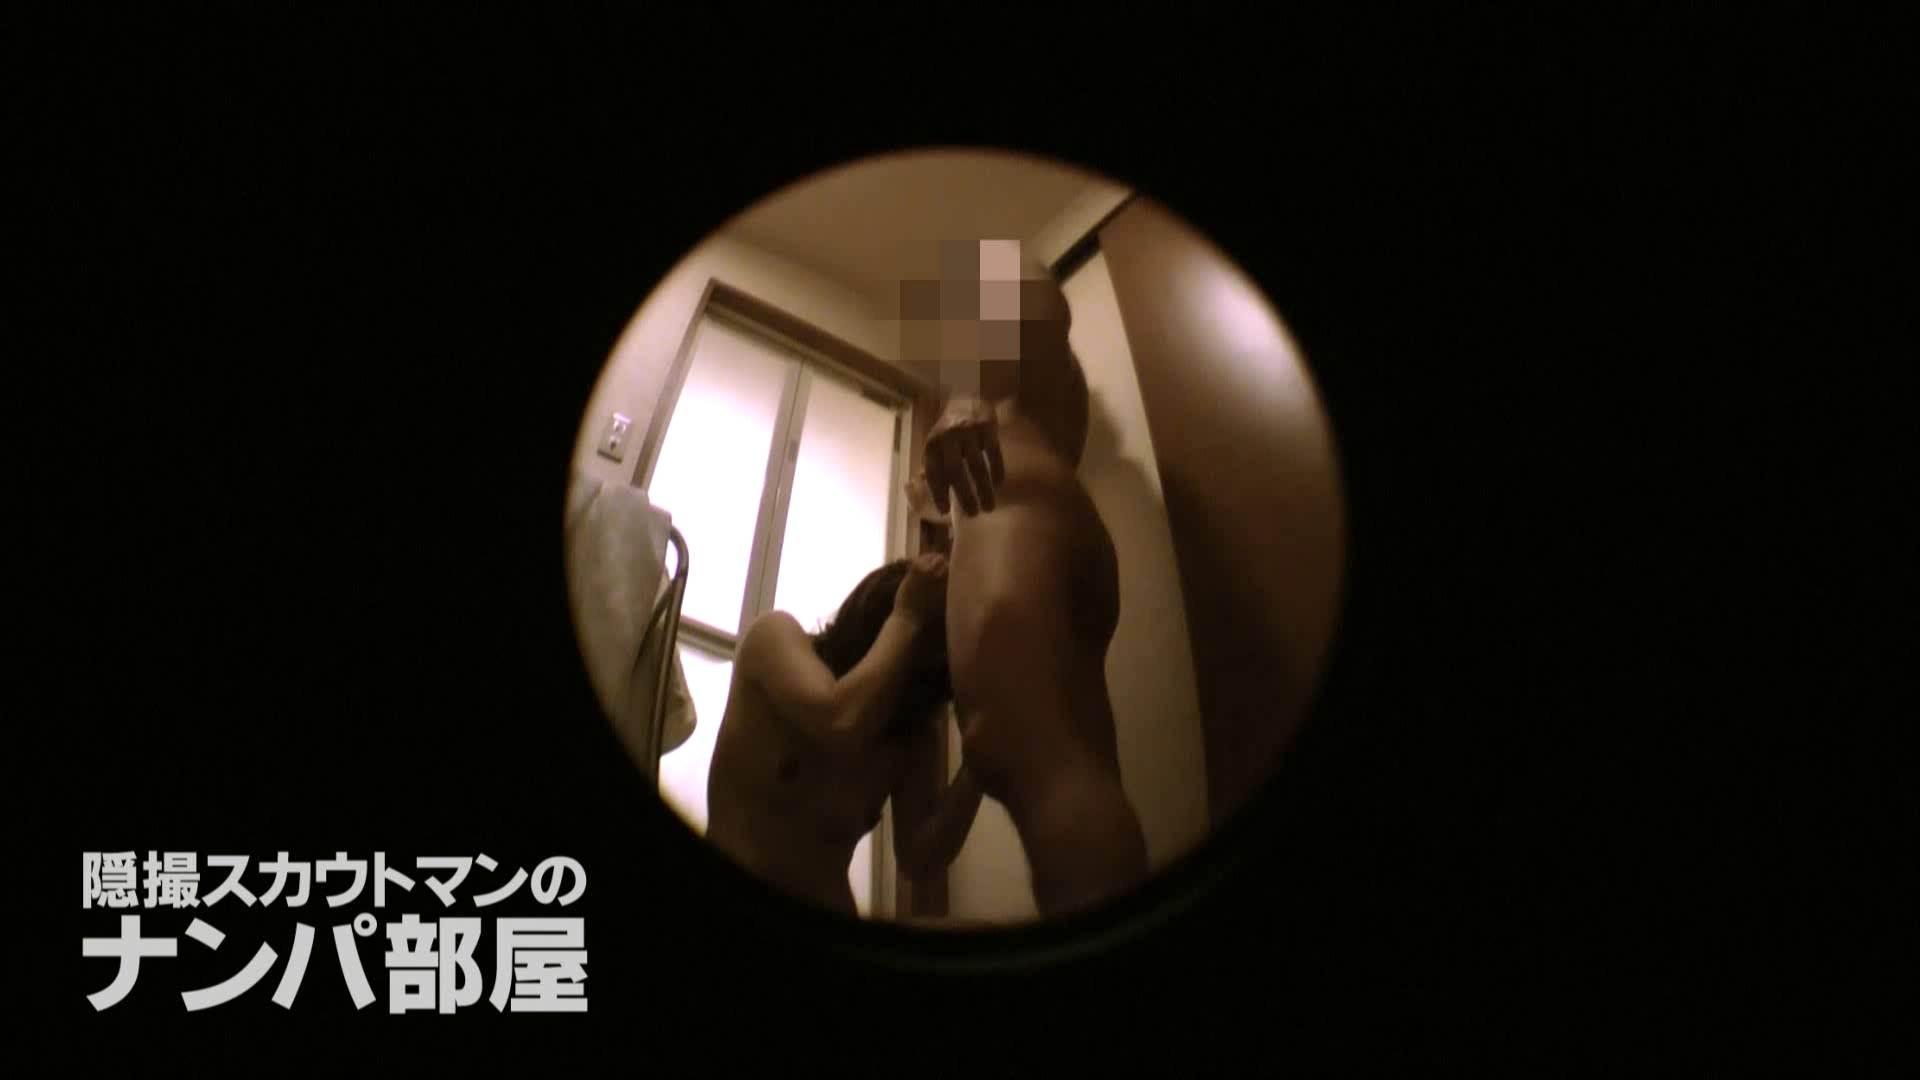 隠撮スカウトマンのナンパ部屋~風俗デビュー前のつまみ食い~ siivol.4 ナンパ AV動画キャプチャ 91pic 44